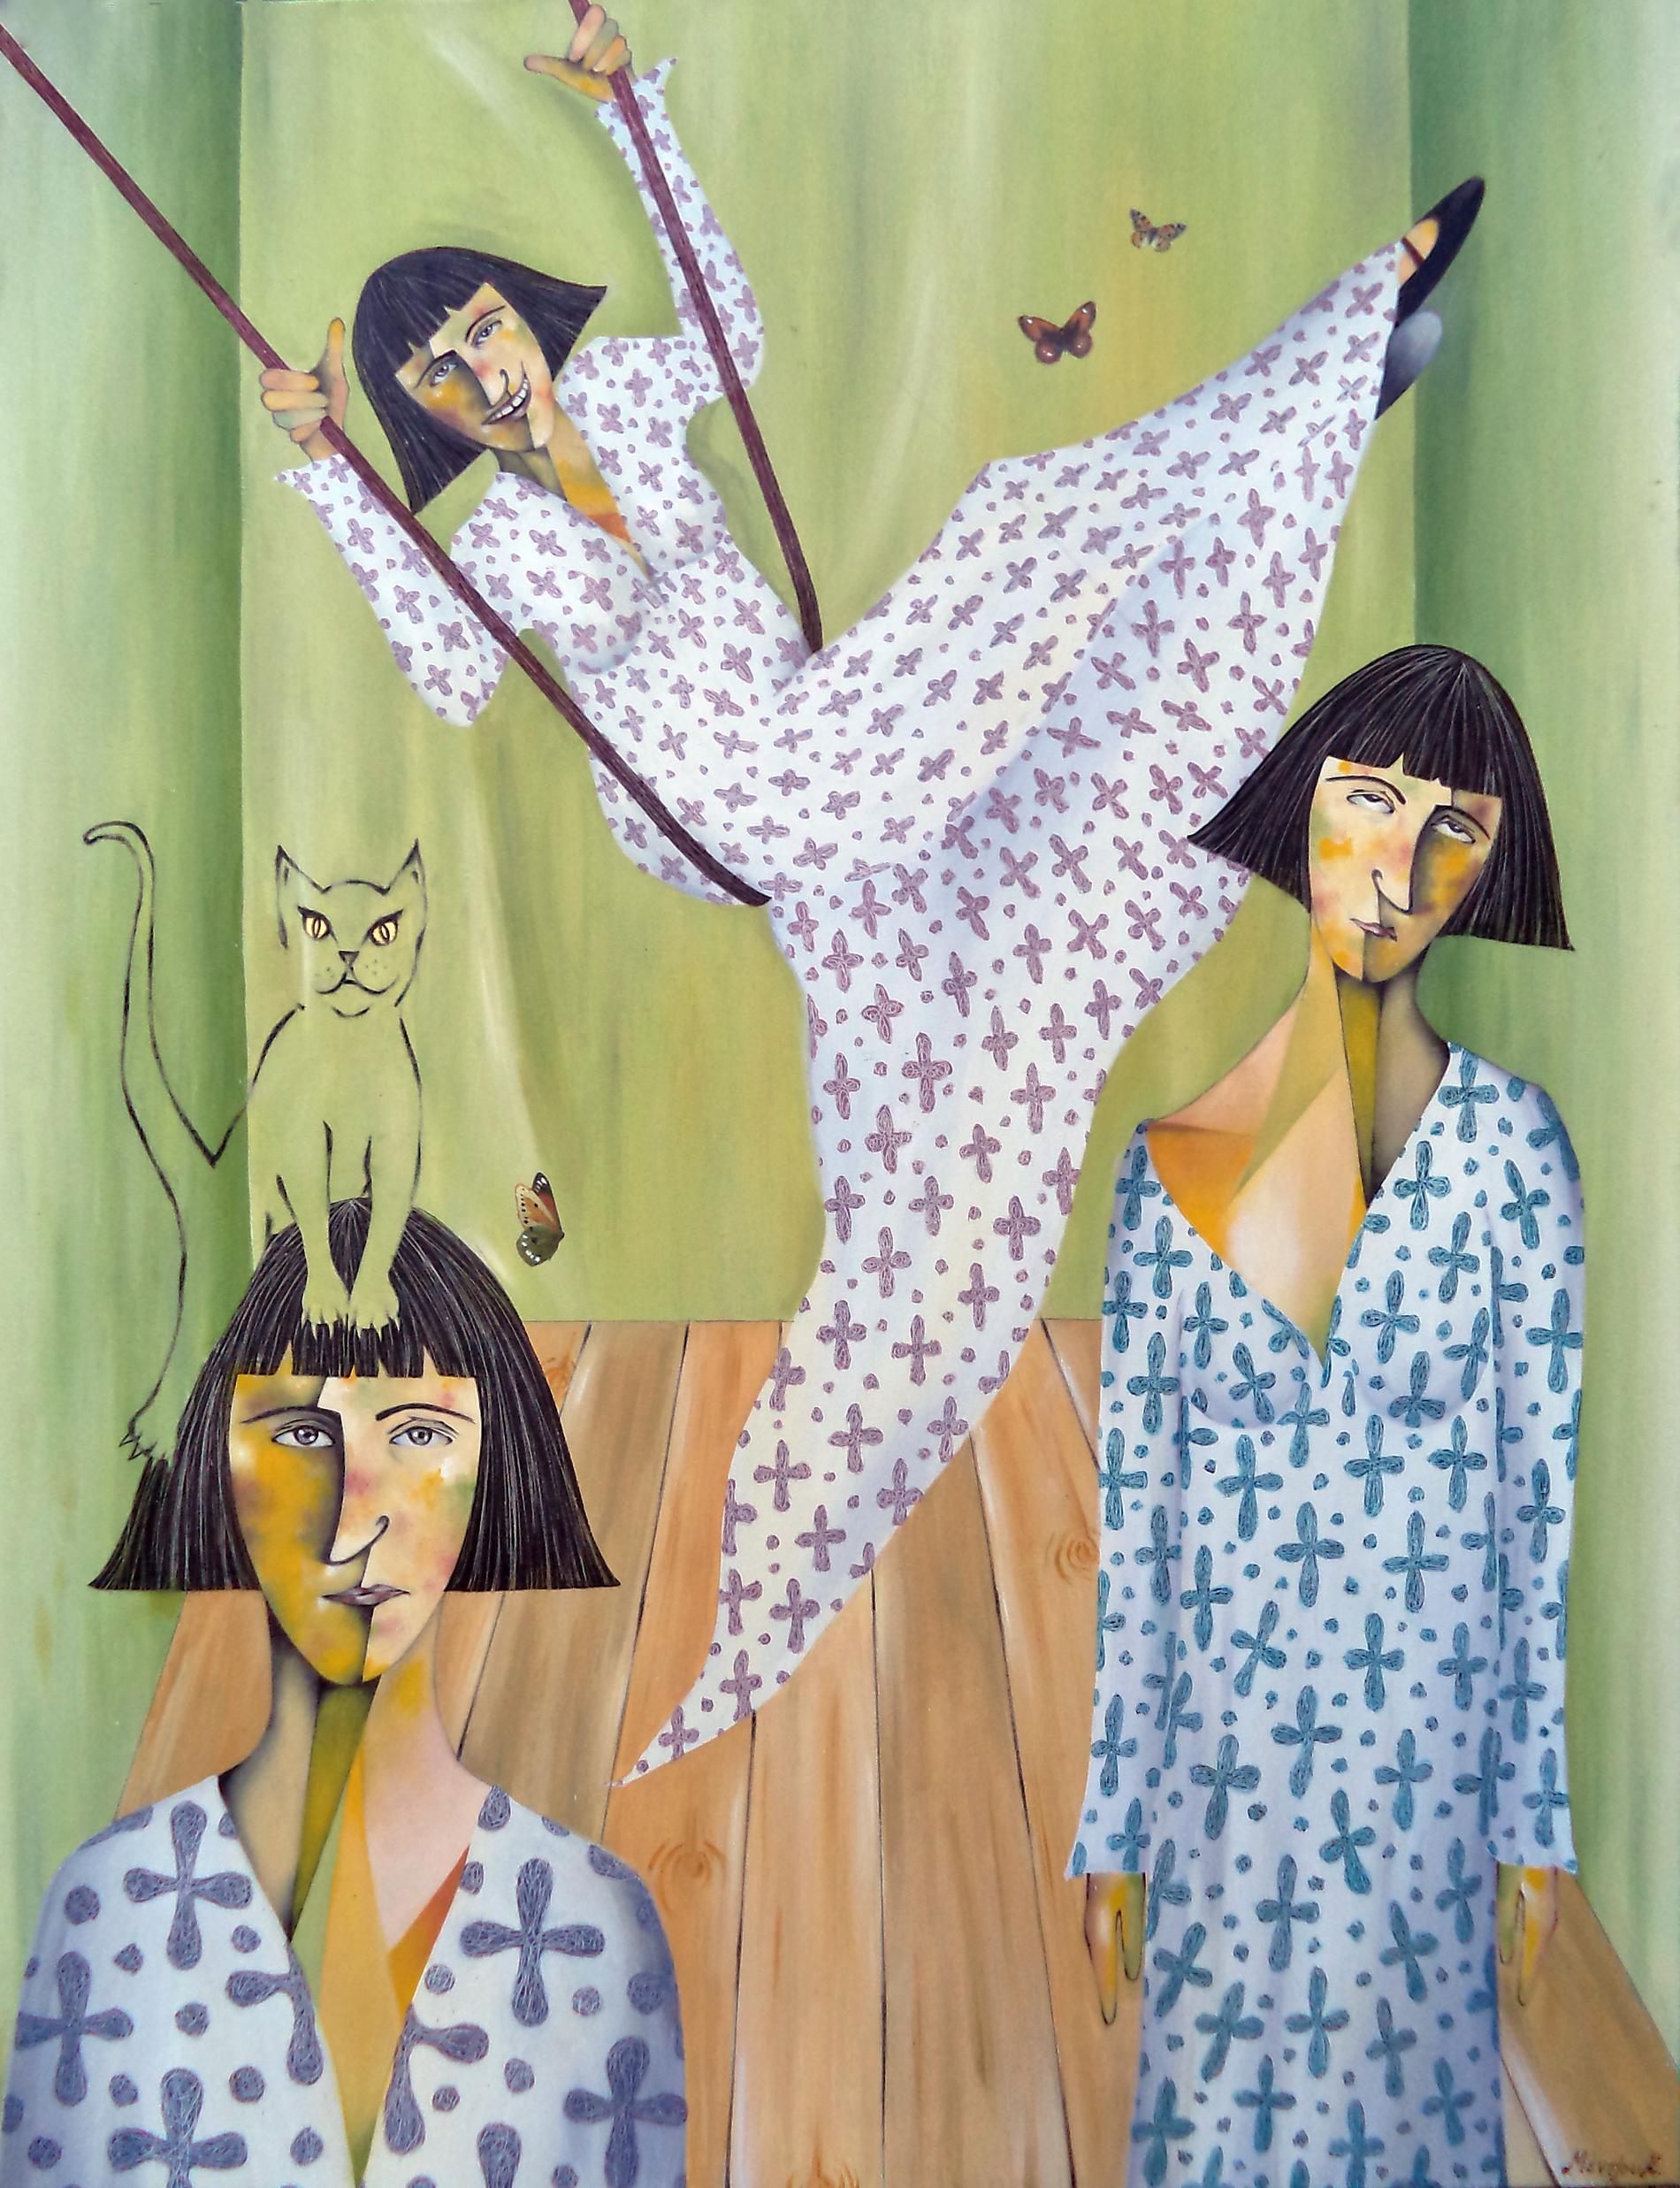 Kelly Mentzou - Painter